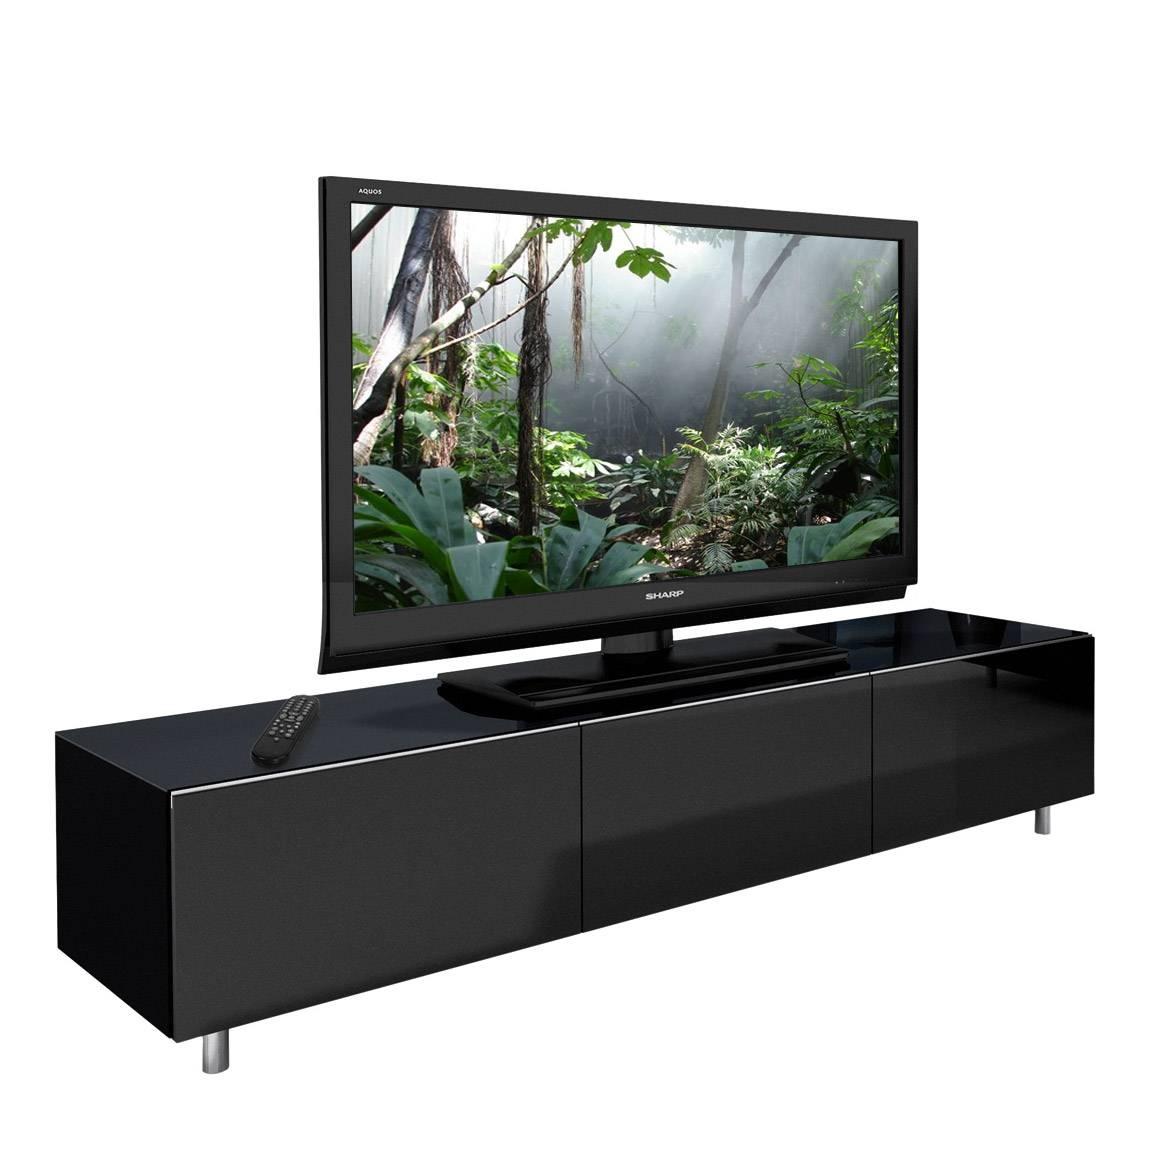 Spectral Just-Racks Jrl1650S Gloss Black Tv Cabinet - Just-Racks intended for Black Gloss Tv Cabinet (Image 13 of 15)